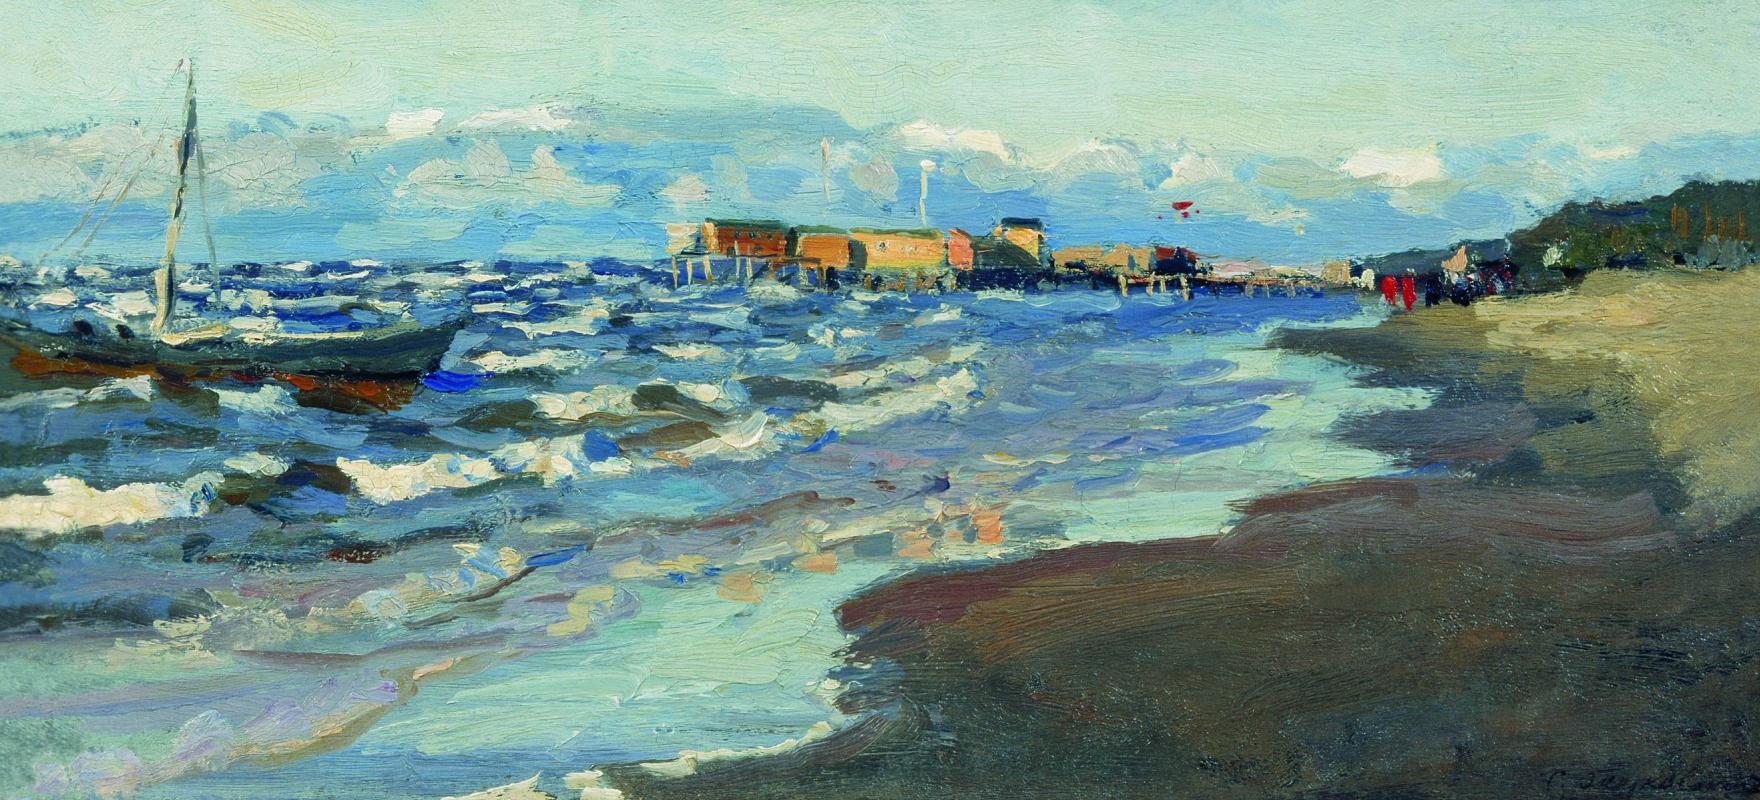 Станислав Юлианович Жуковский. Берег моря